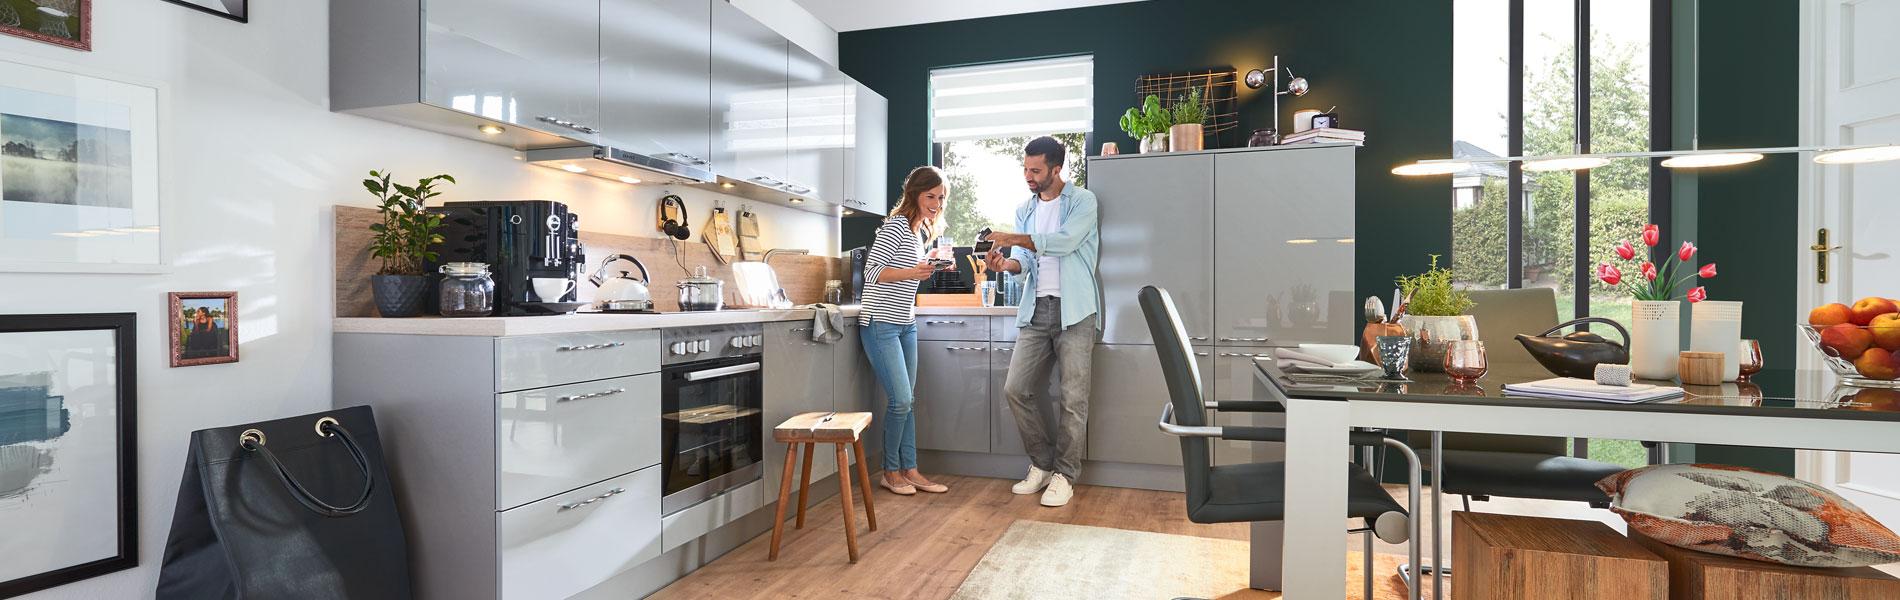 k chenzeile g nstig kaufen riesige auswahl gibt es bei m bel h ffner. Black Bedroom Furniture Sets. Home Design Ideas